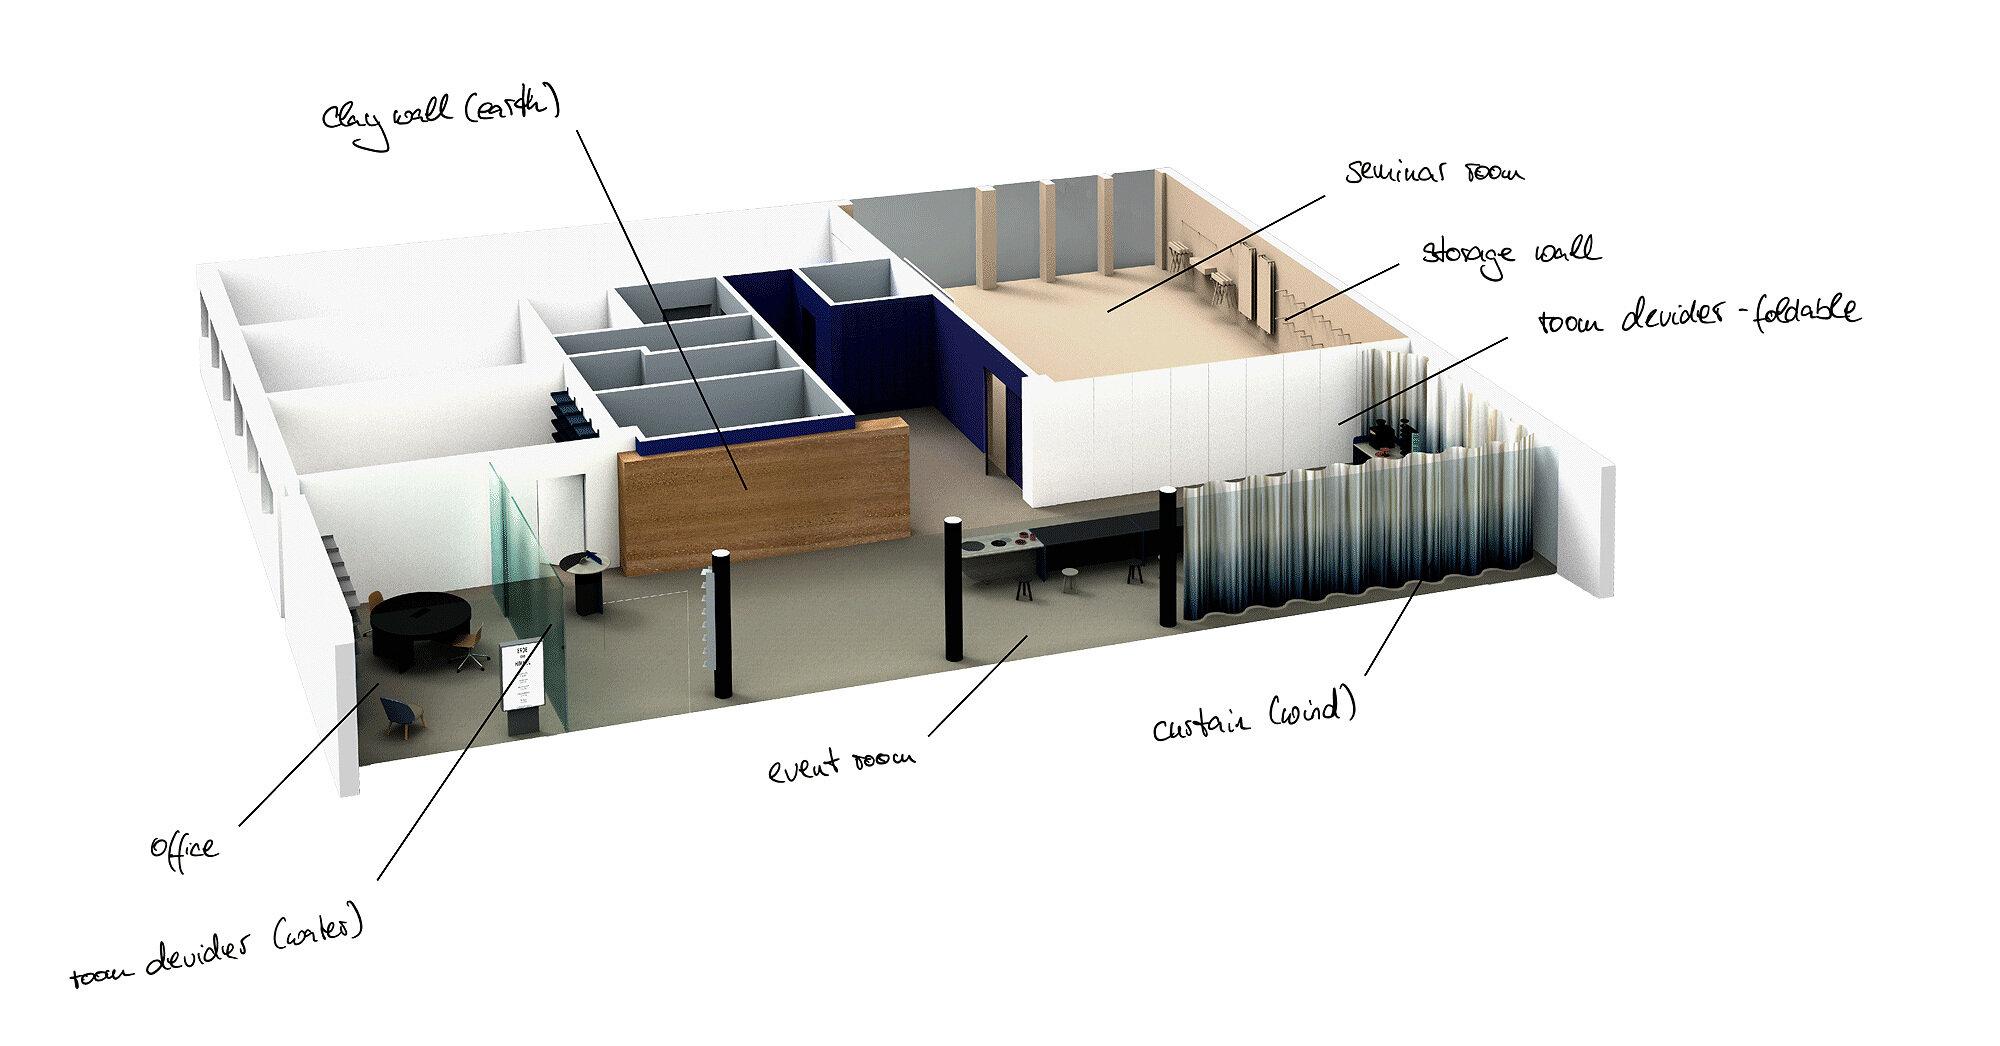 Erde-%26-Himmel_Concept_Room_web.jpg